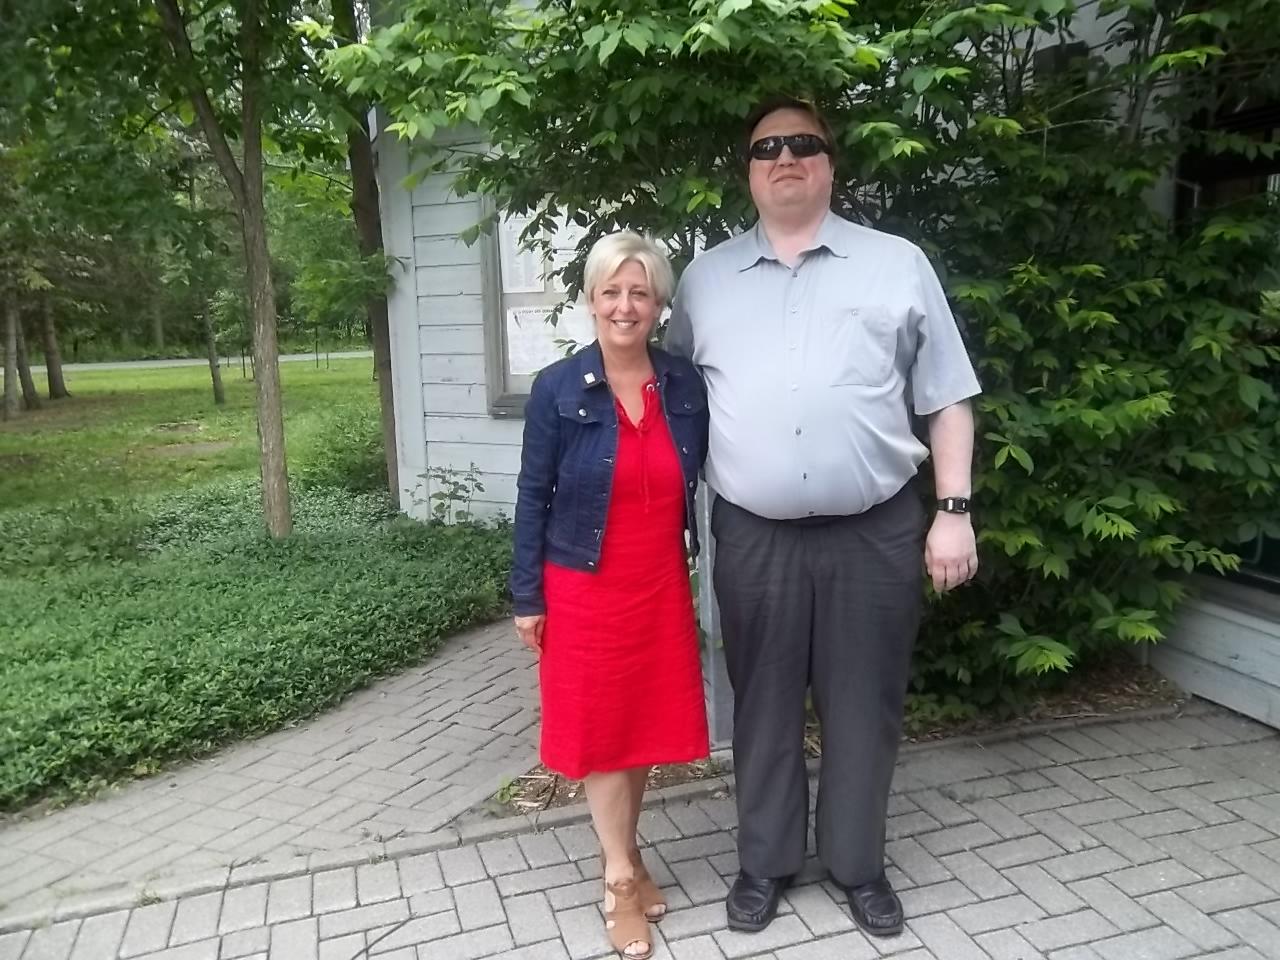 Colette Éthier et Martin Morin lors de la Semaine québécoise des personnes handicapées qui a eu lieu le 7 juin 2016 au Pavillon d'accueil du parc Michel-Chartrand situé à Longueuil.